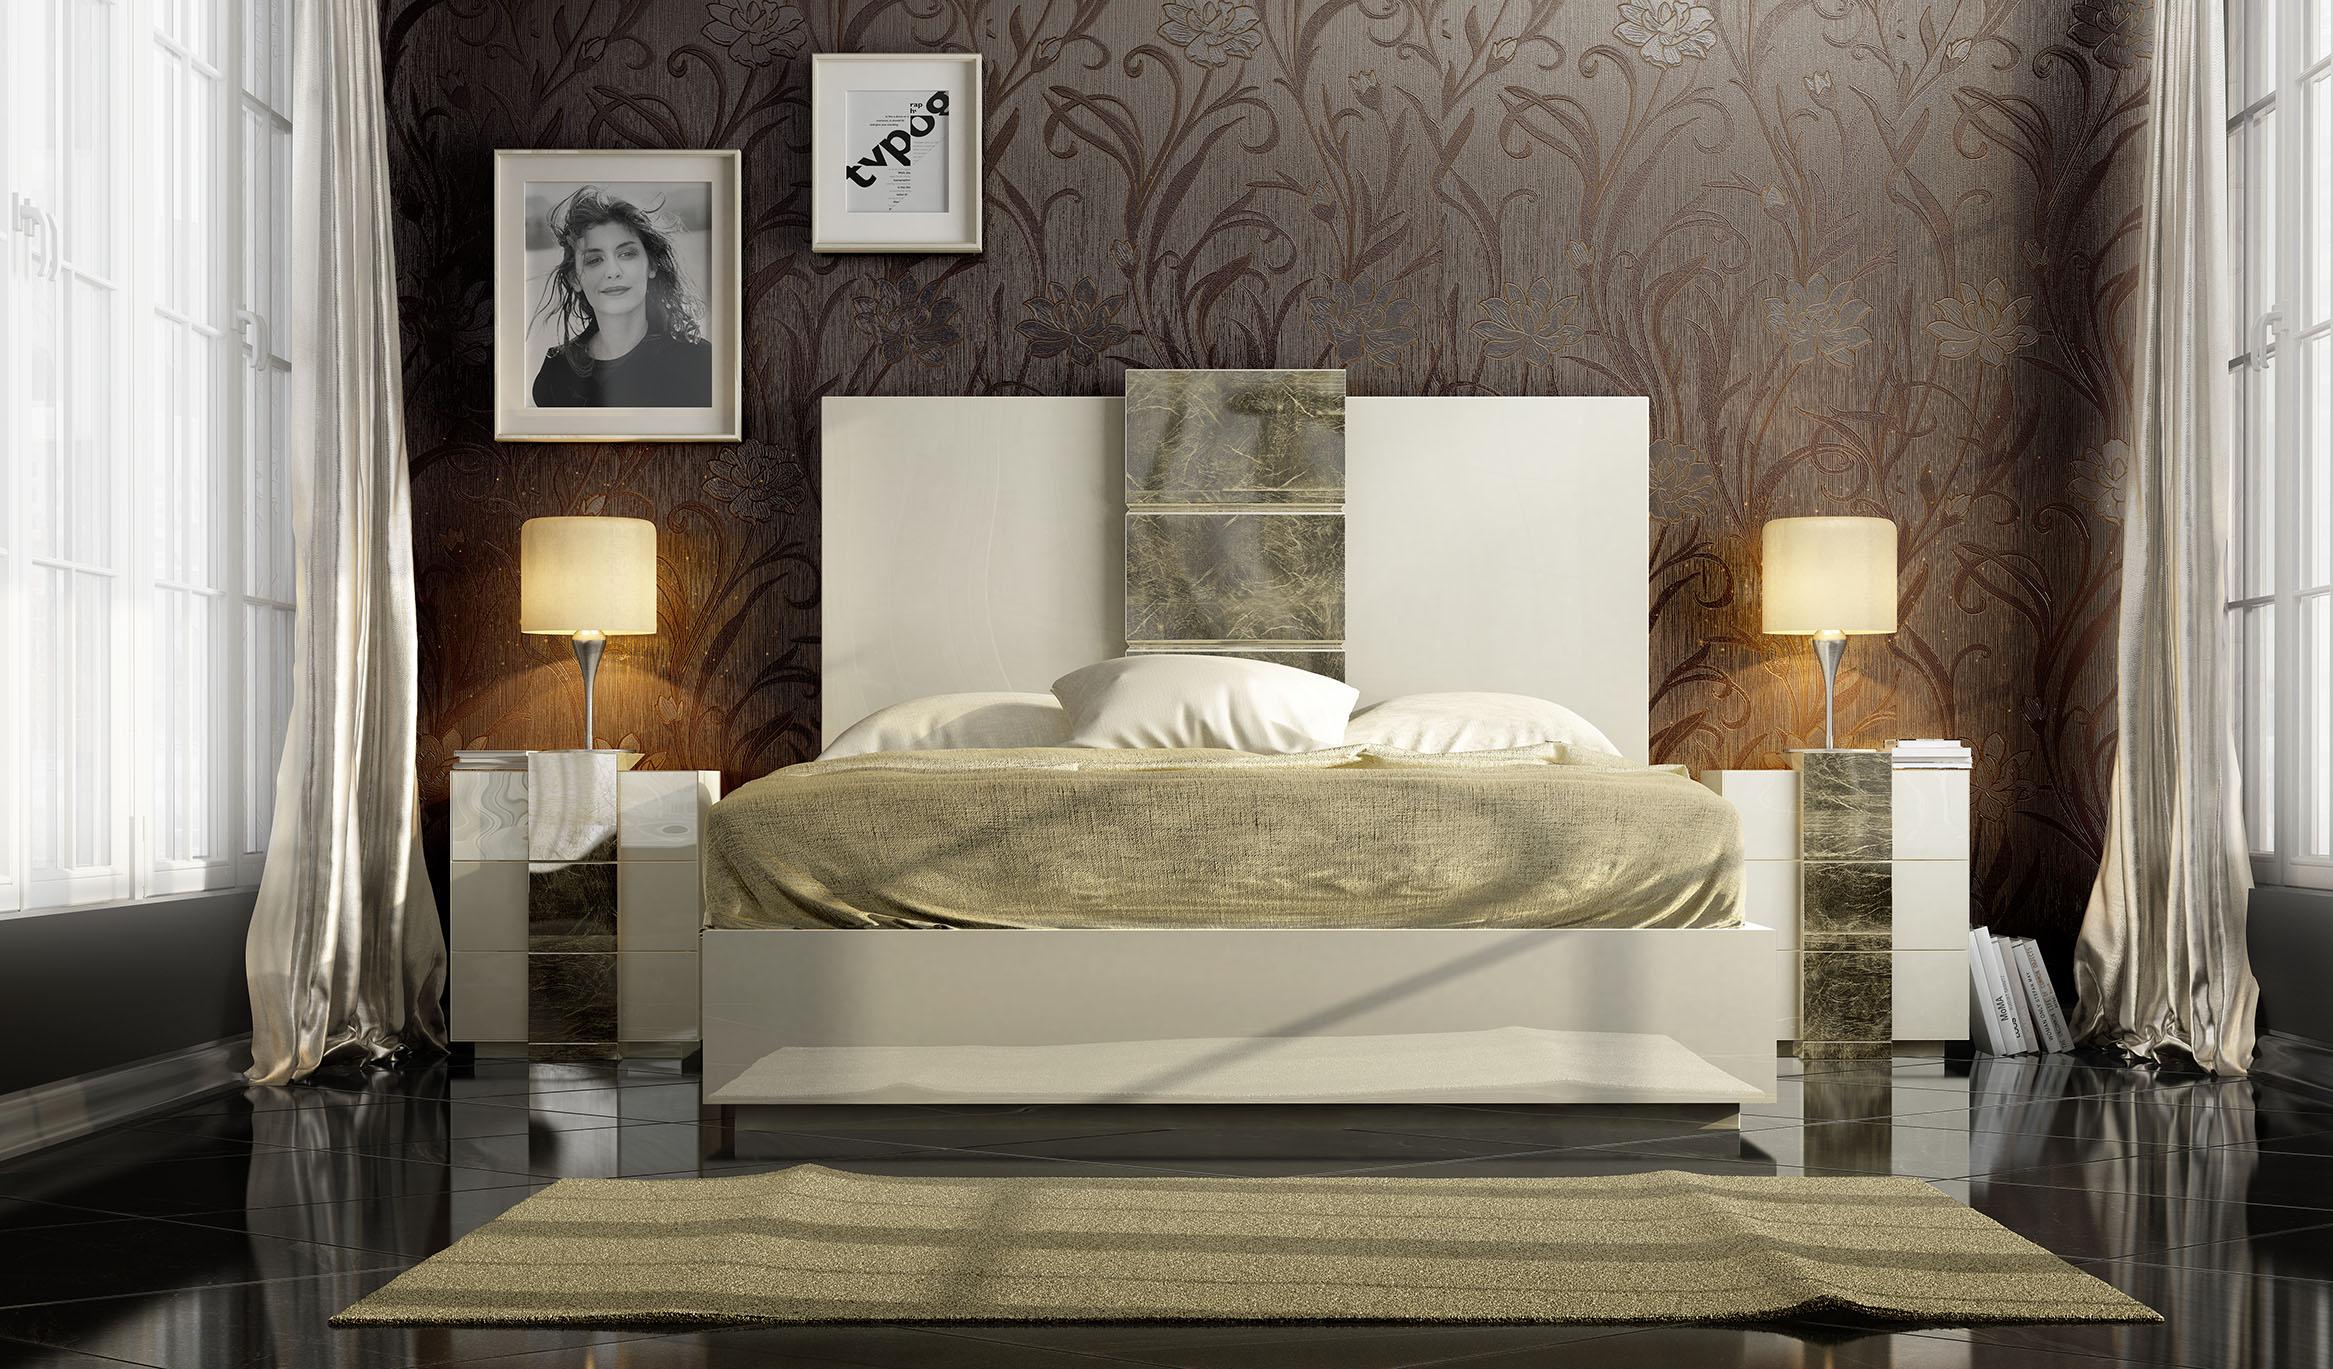 Dormitorios_Contempóraneos_(24)